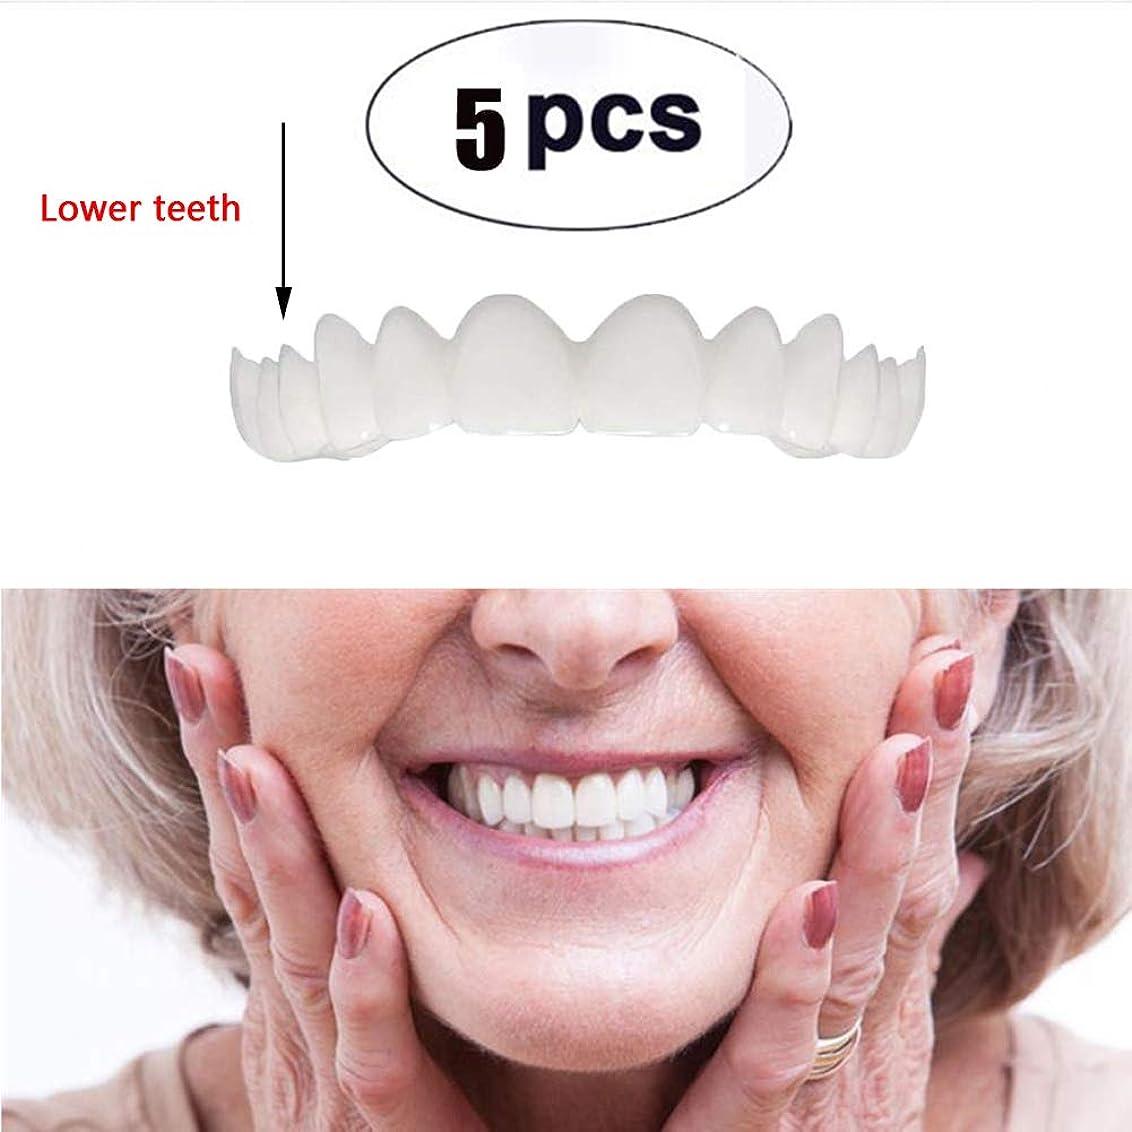 土地メジャー叫ぶ5ピース下の歯一時的な化粧品の歯化粧品模擬ブレースホワイトニング歯スナップキャップインスタント快適なフレックスパーフェクトベニア